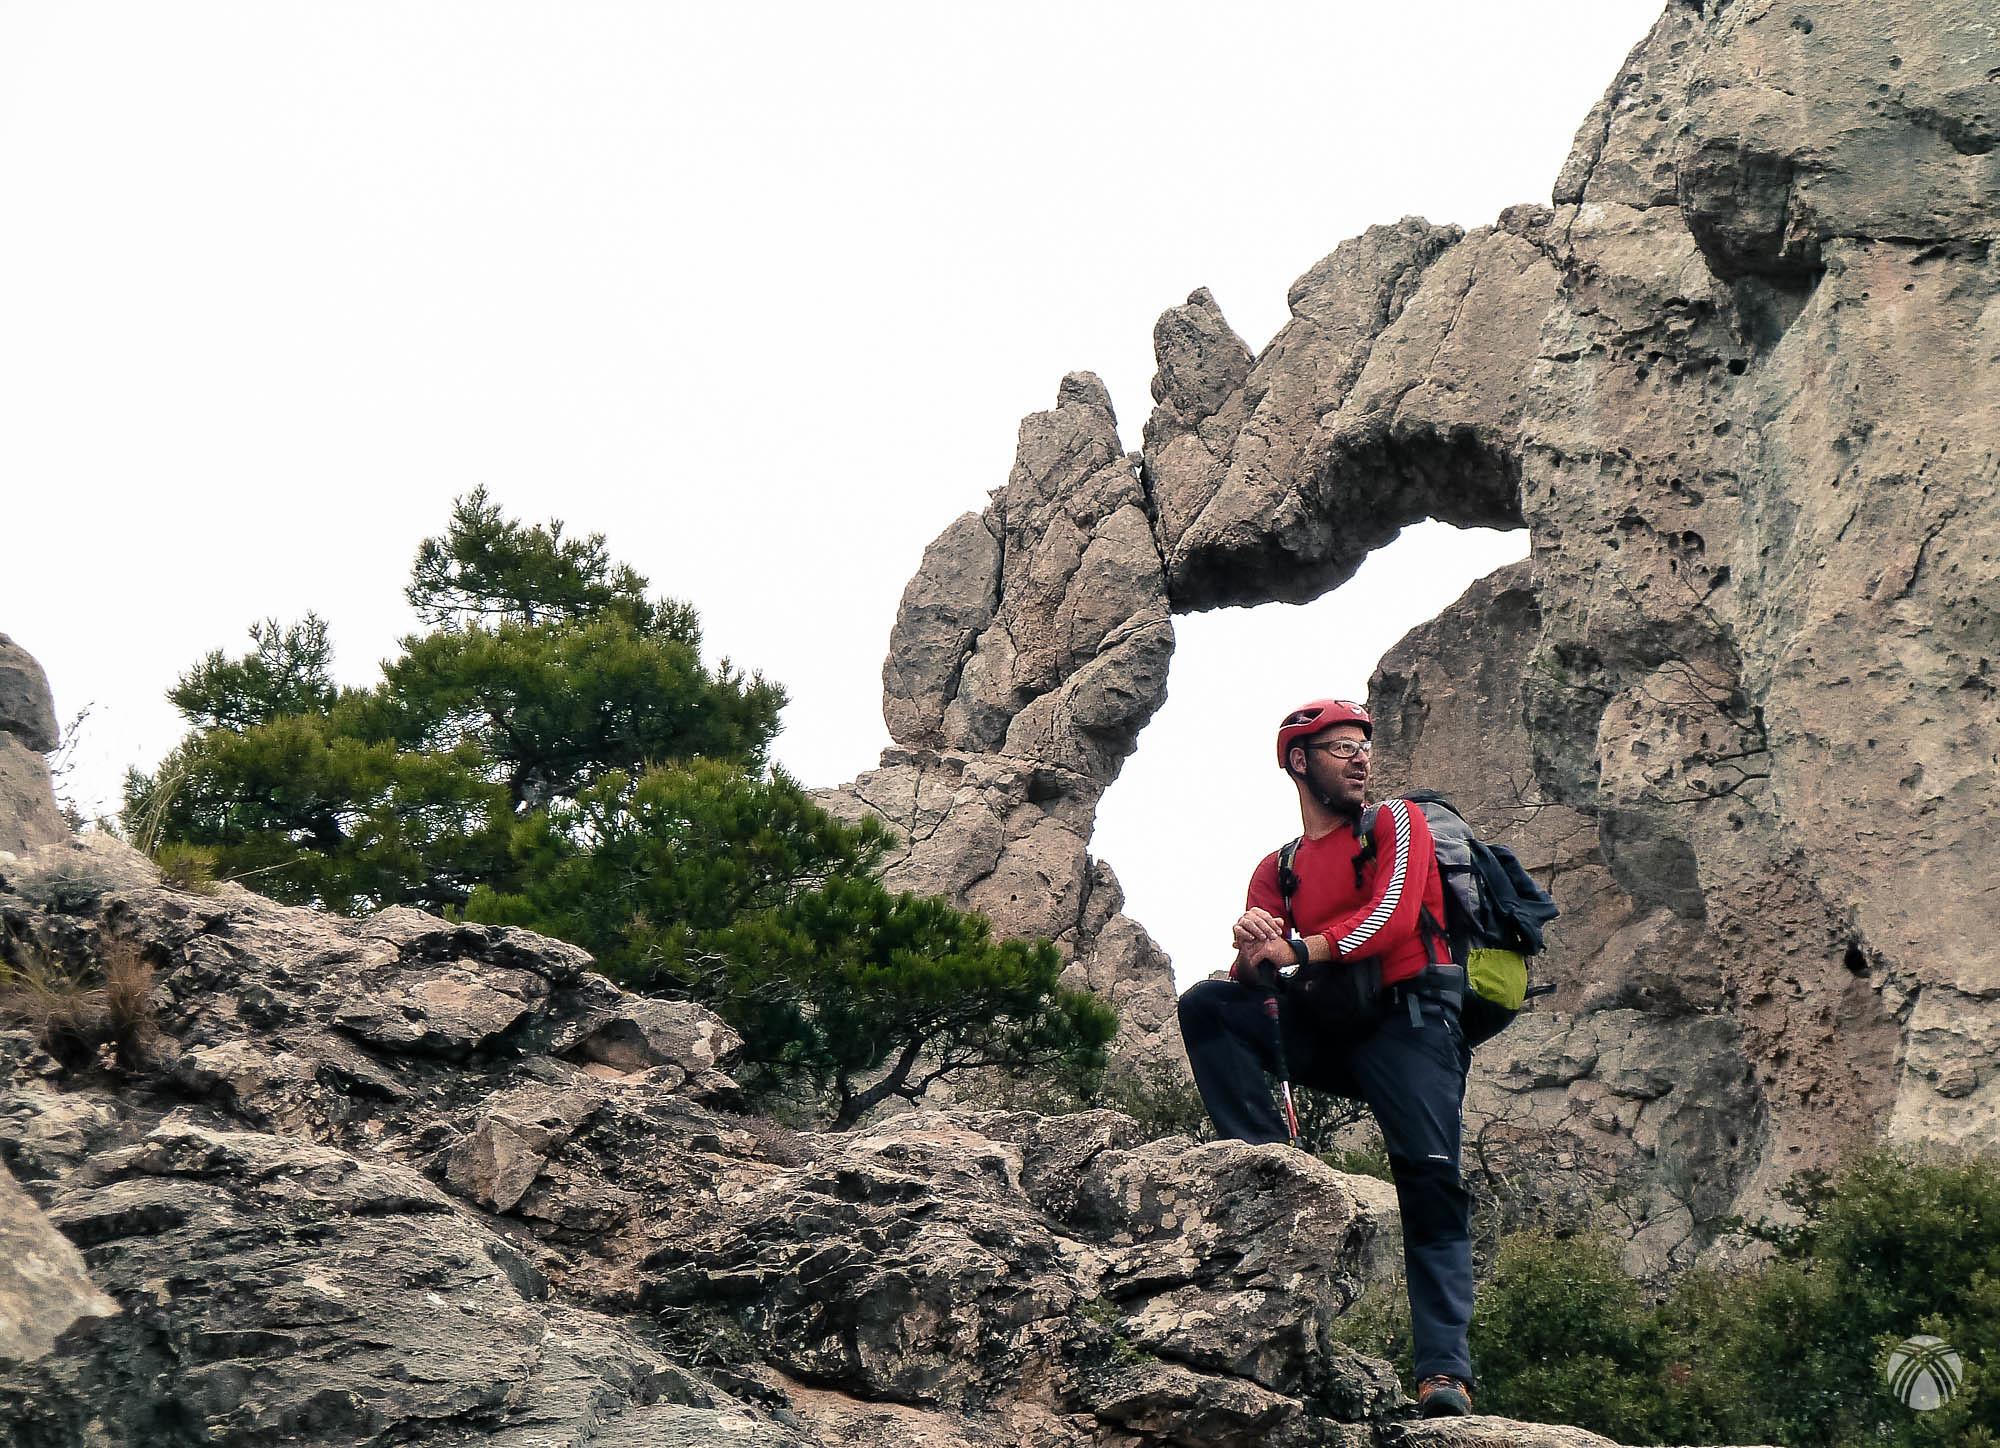 Arco de roca característico